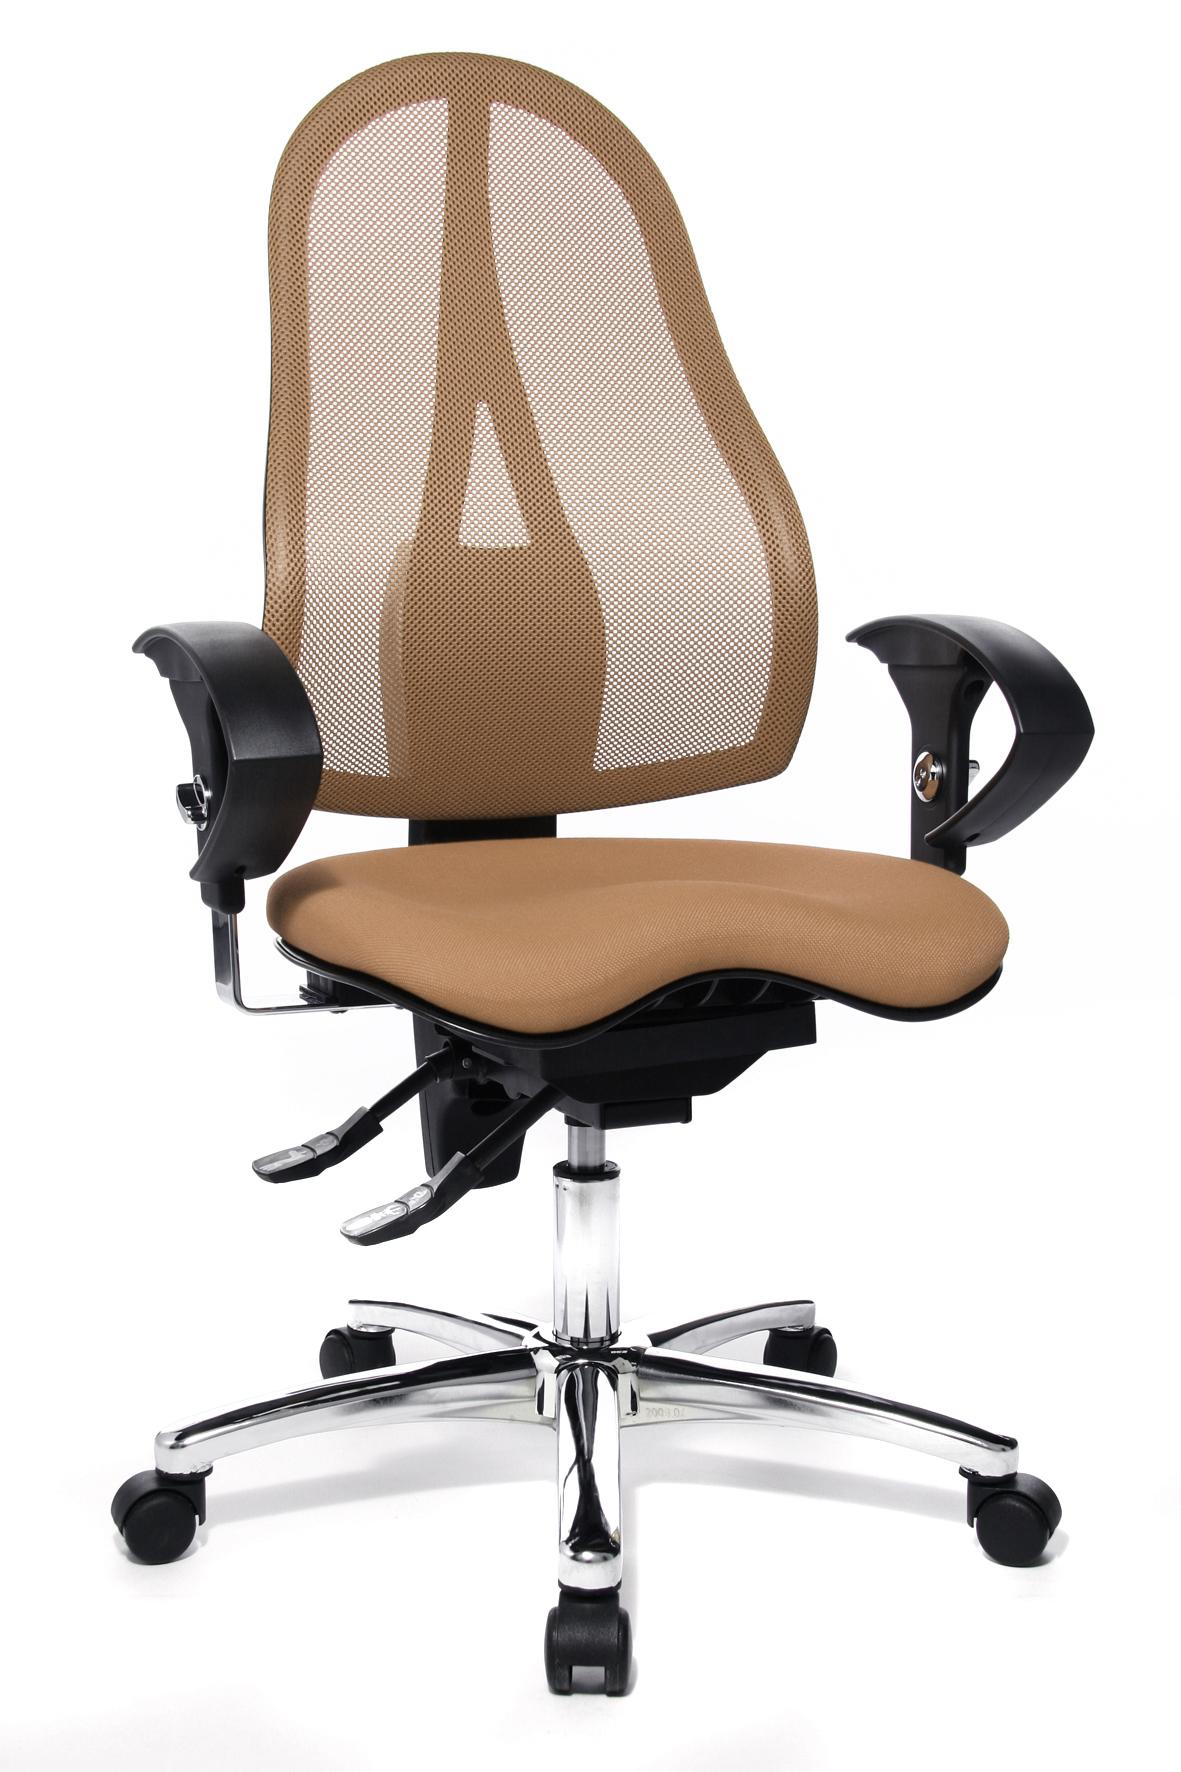 Details zu Bürostuhl Schreibtischstuhl Drehstuhl Topstar Sitness 15 hellbraun braun B Ware